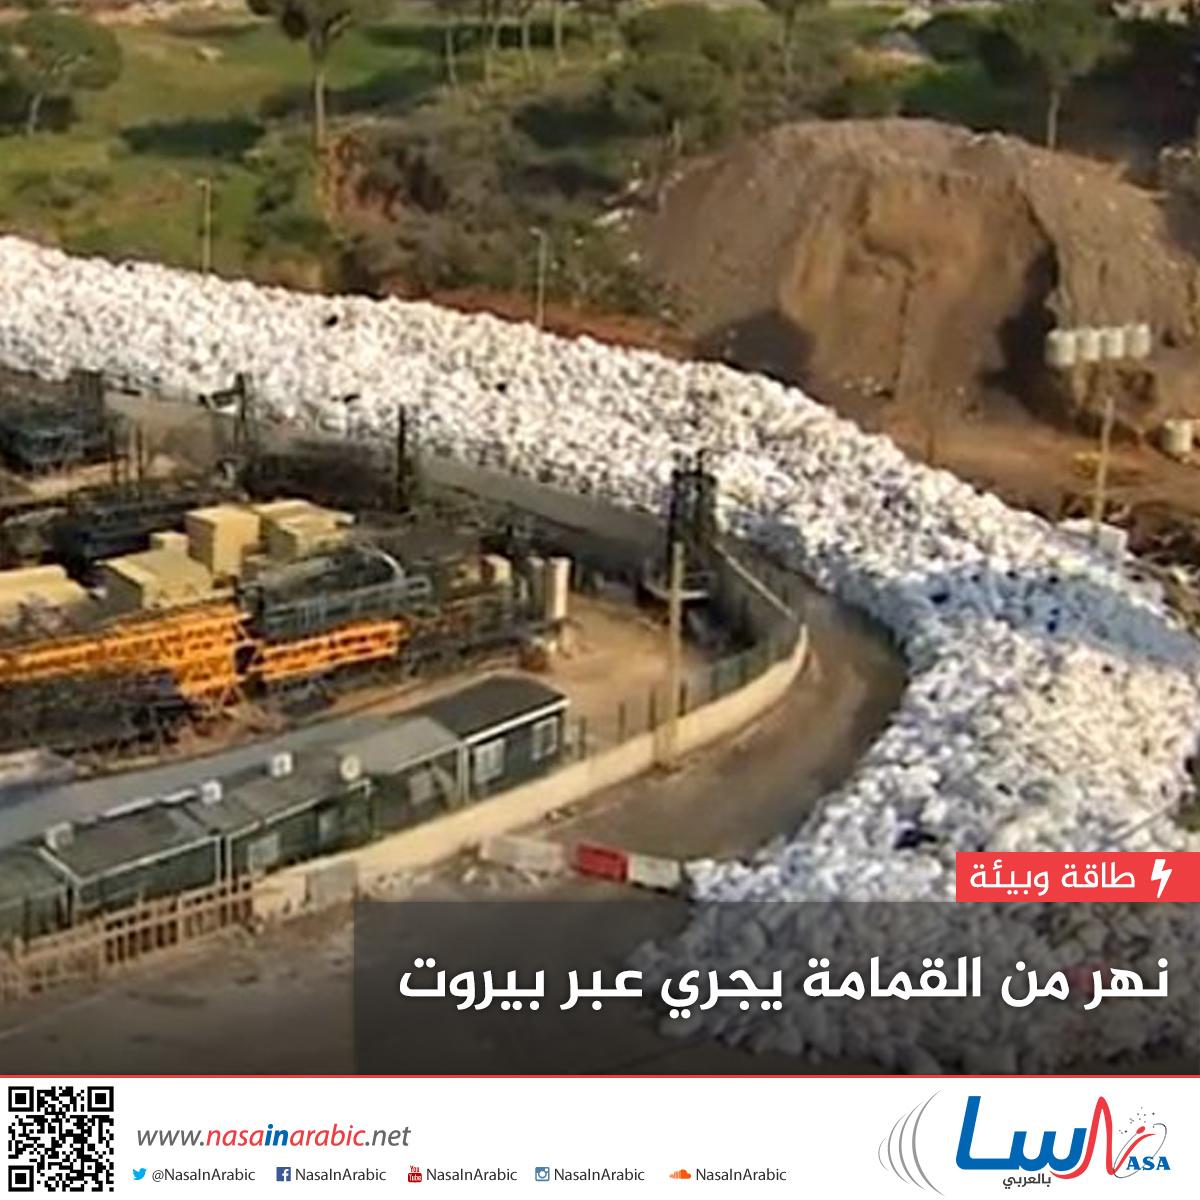 نهر من القمامة يجري عبر بيروت